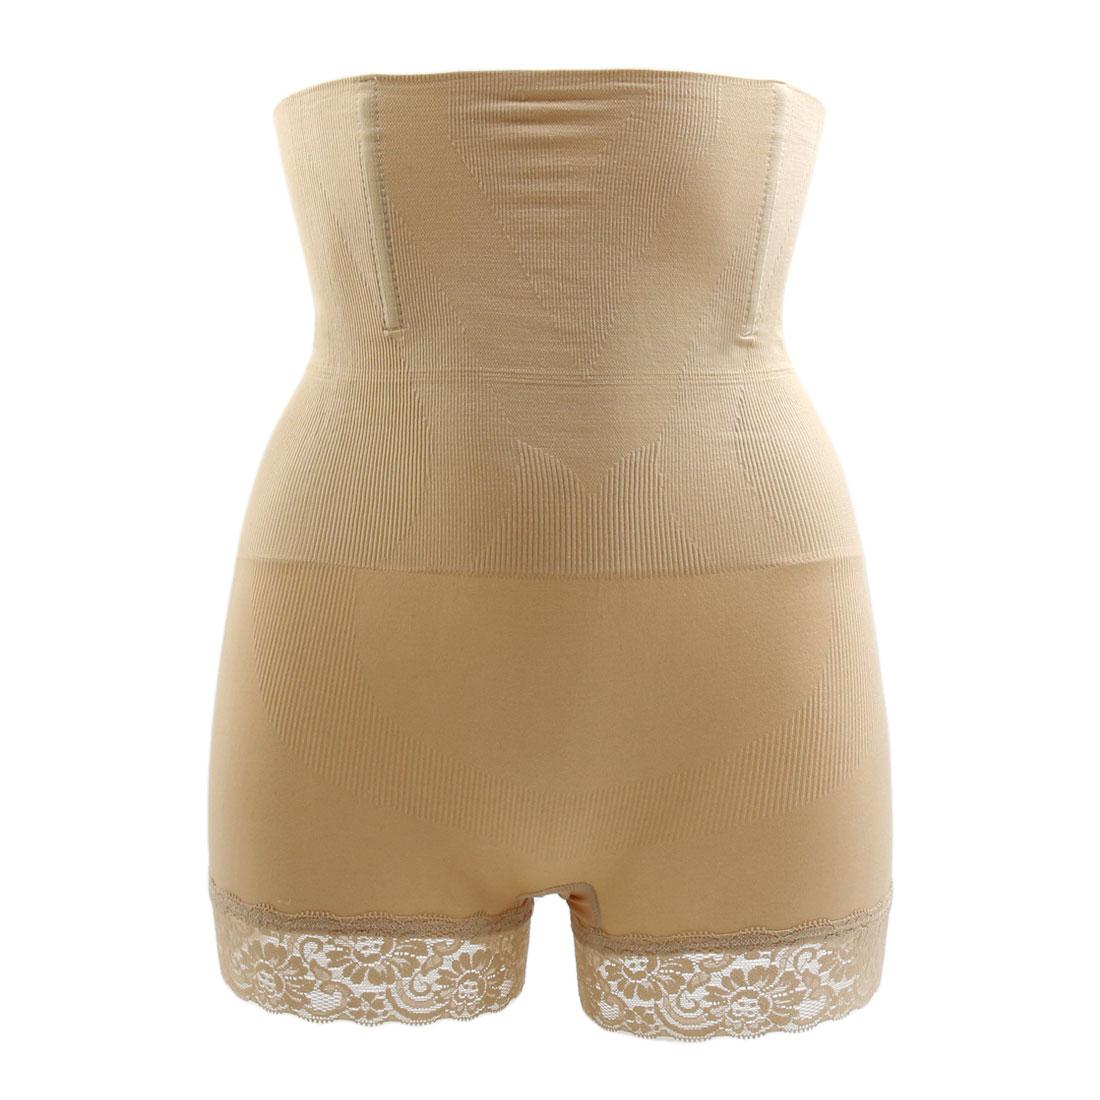 Size M Beige Lace Trim High Waist Body Butt Shaper Panty Abdomen Control Shapewear Underwear